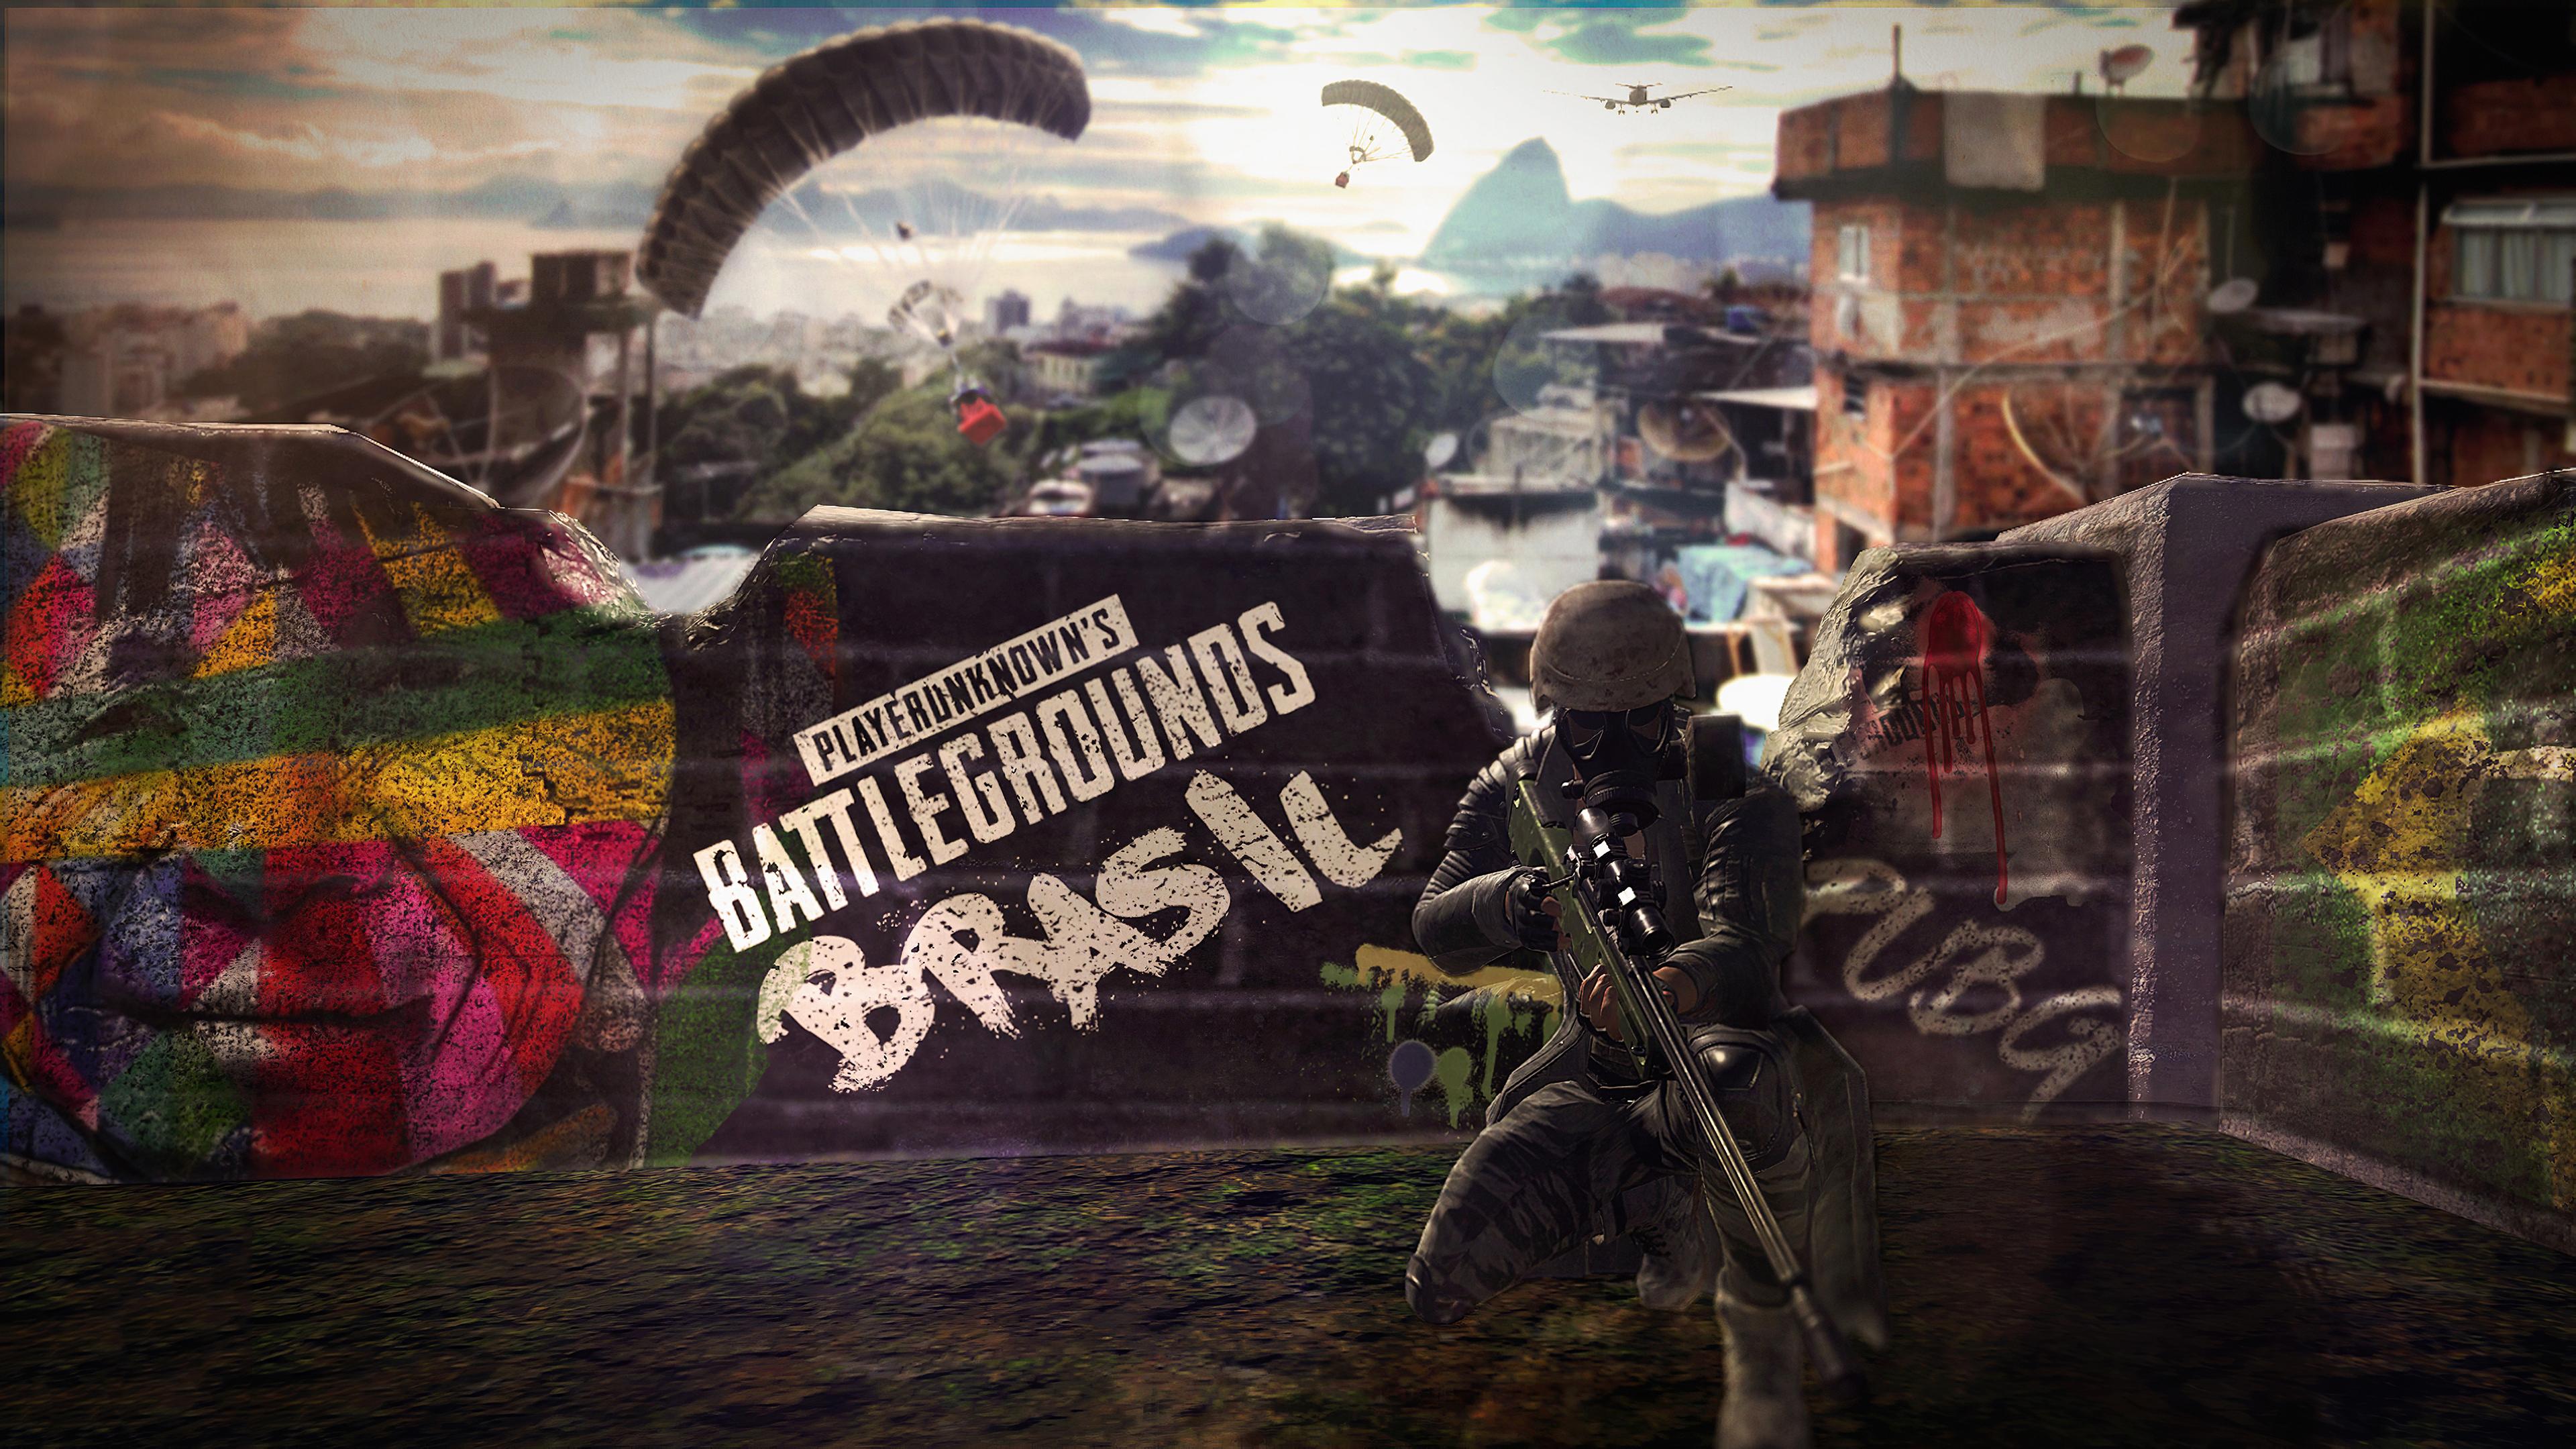 pubg brasil 1572370238 - Pubg Brasil - pubg wallpapers, playerunknowns battlegrounds wallpapers, hd-wallpapers, games wallpapers, 4k-wallpapers, 2019 games wallpapers